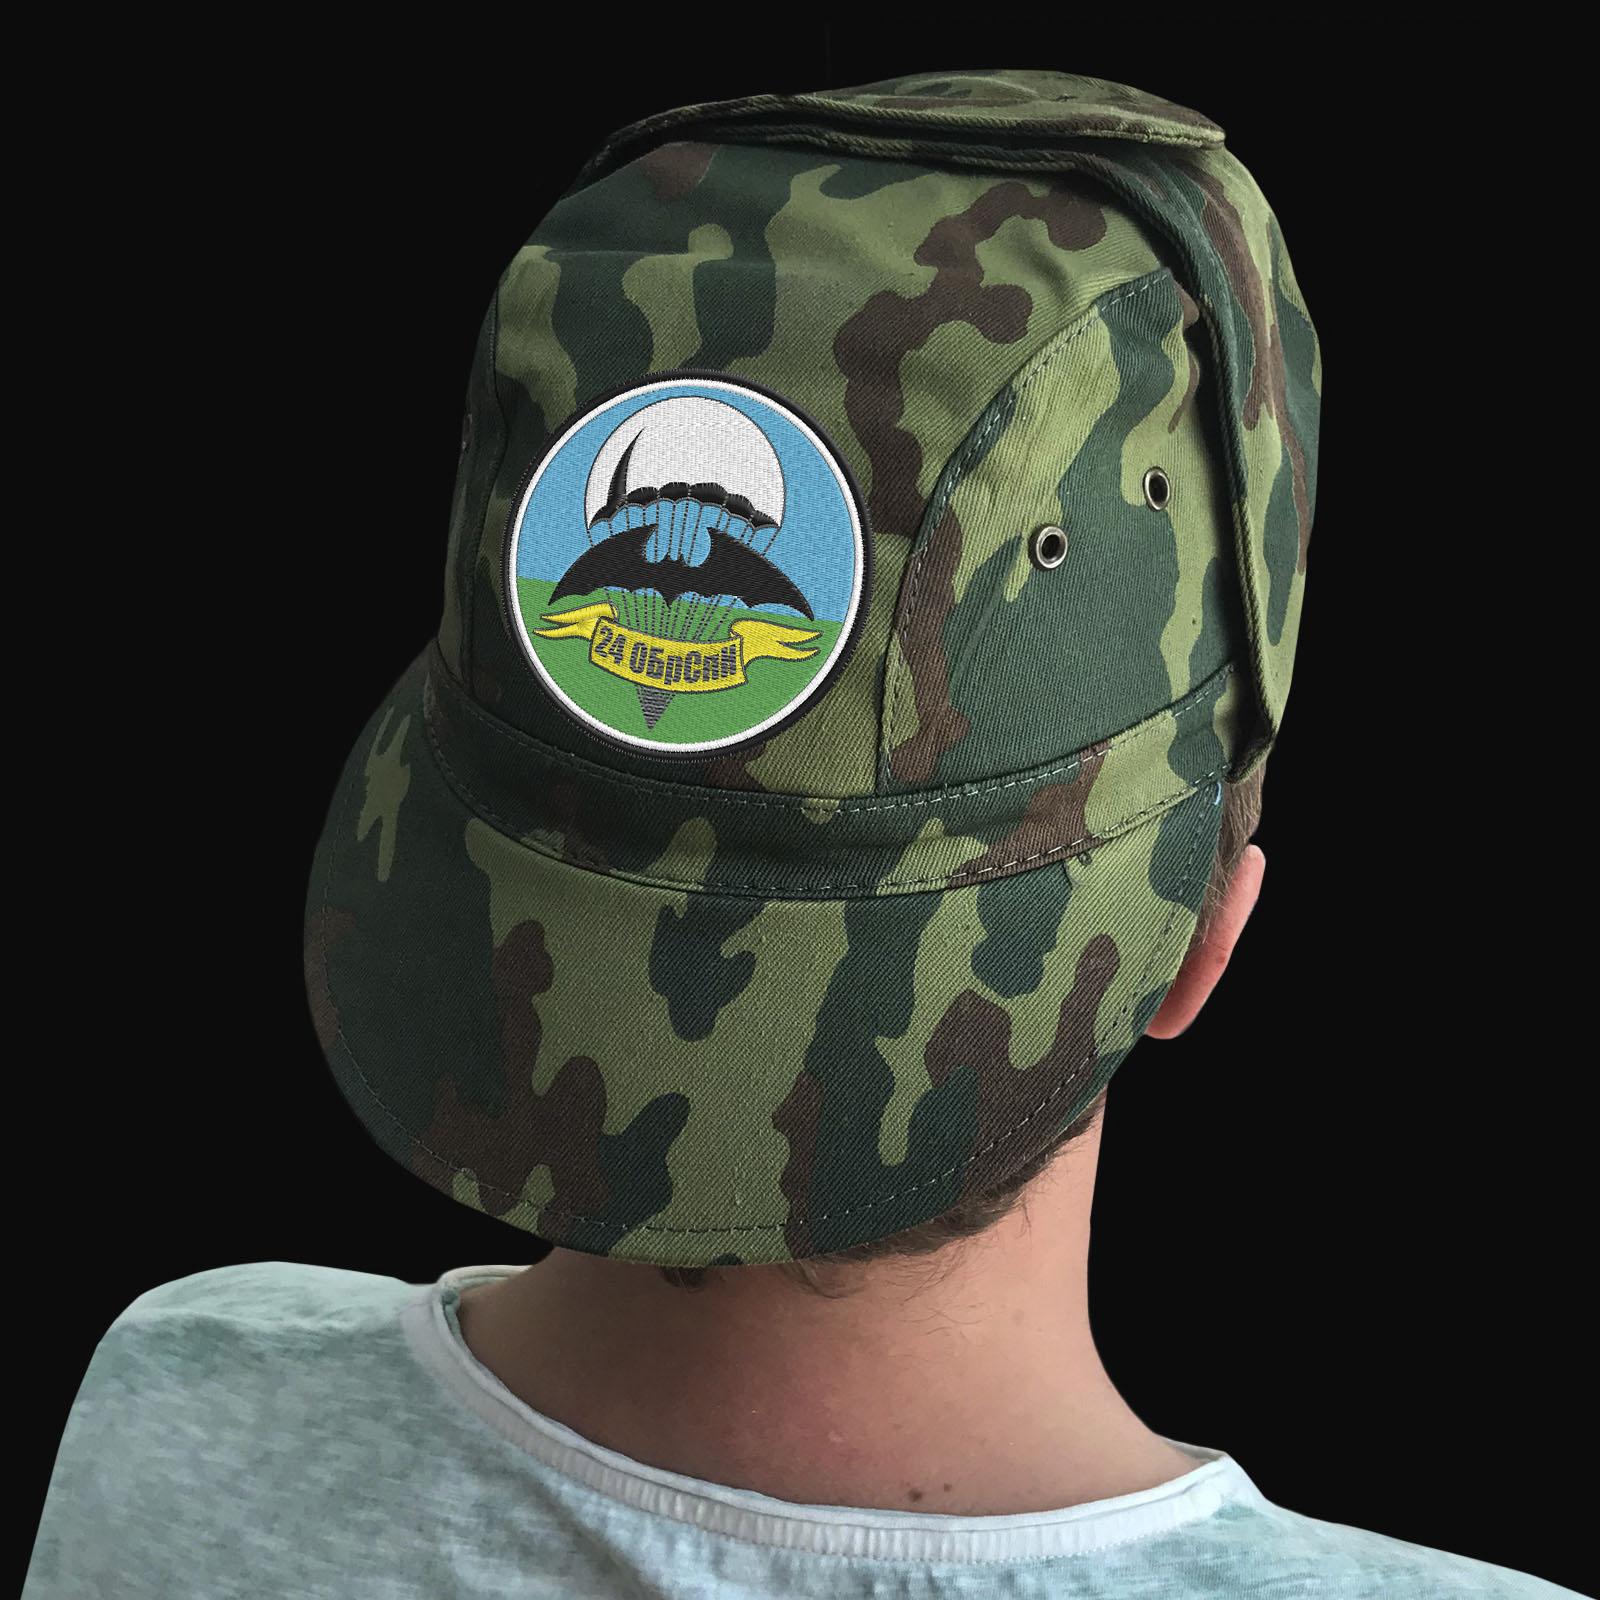 Тактические кепки с шевронами отдельных бригад специального назначения